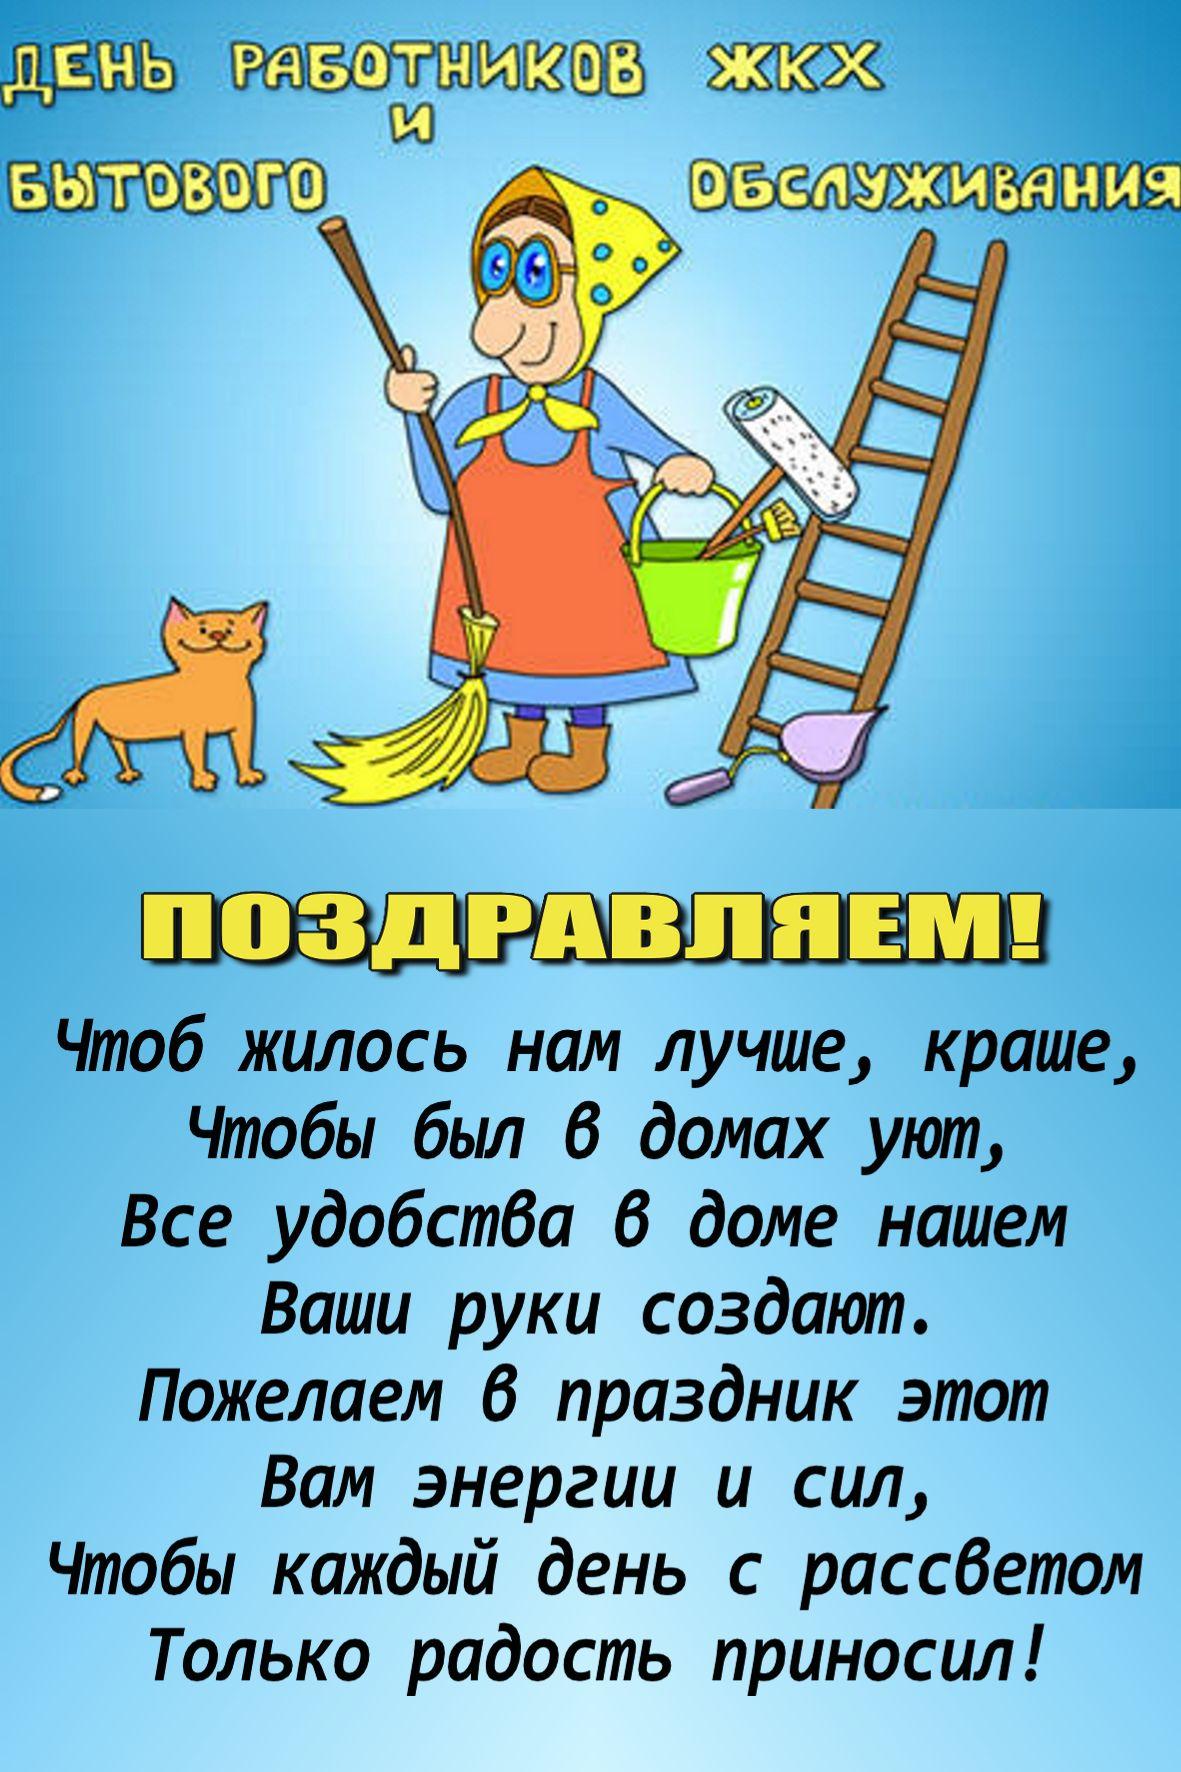 Картинка с днем работников жкх, открытка подруге фото